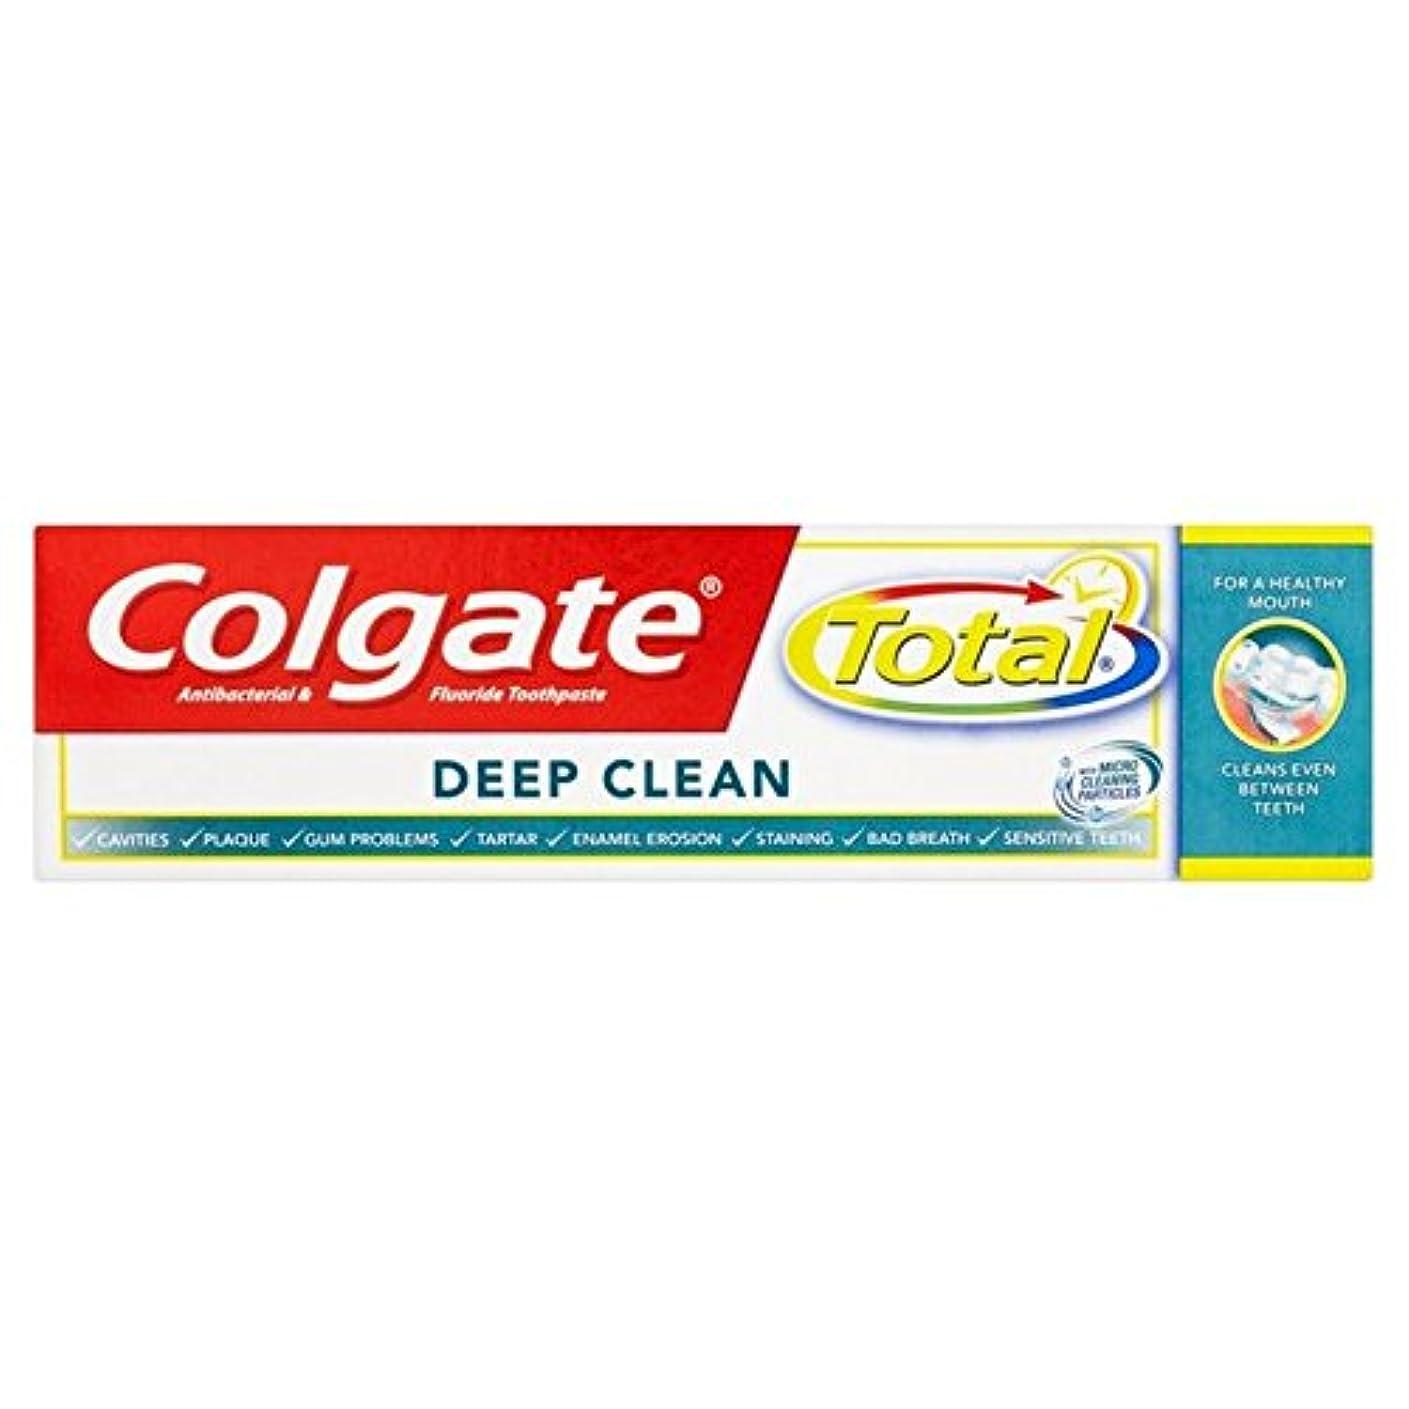 抽出細断その他コルゲートトータル深いクリーン歯磨き粉75ミリリットル x2 - Colgate Total Deep Clean Toothpaste 75ml (Pack of 2) [並行輸入品]